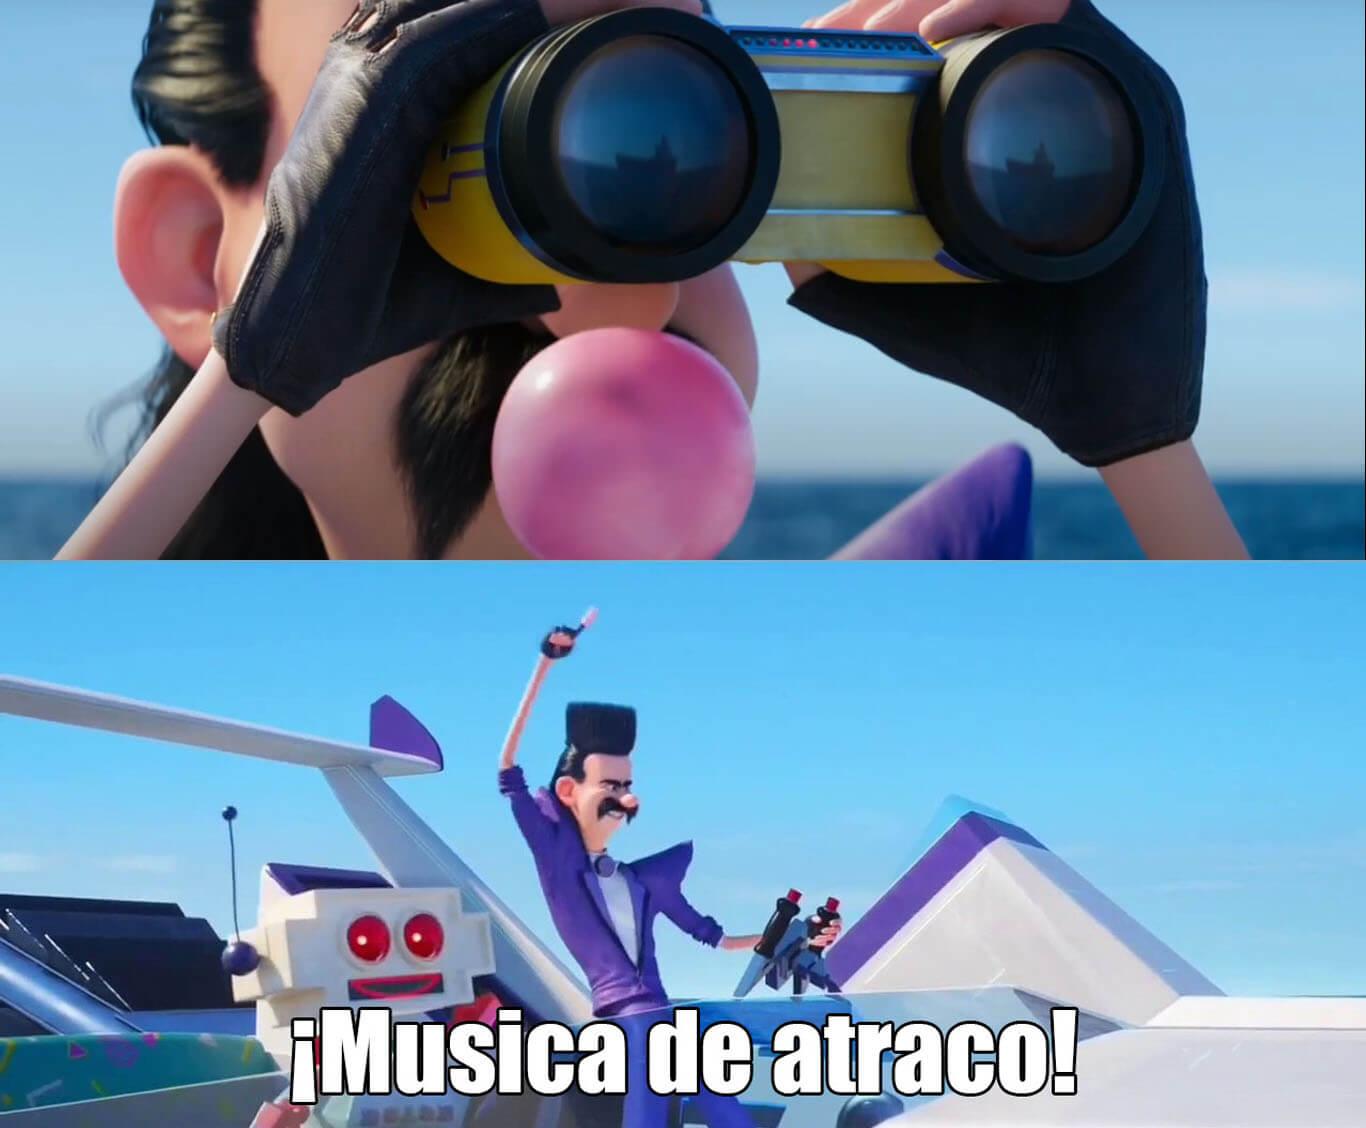 Plantilla de ¡Música de atraco!